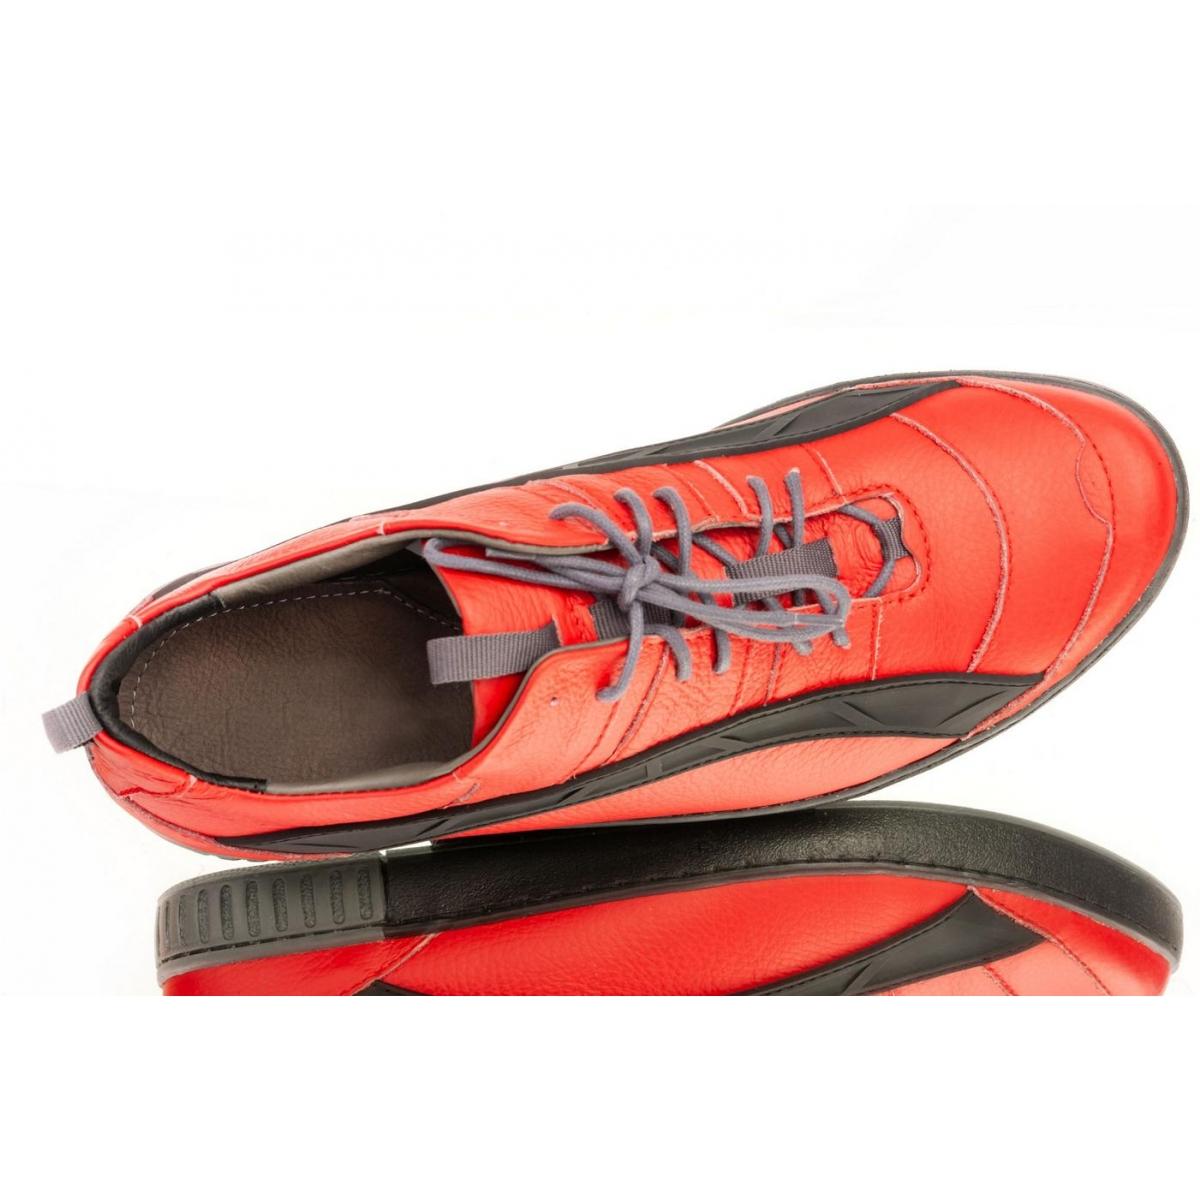 c7cdd2078470 Pánske červené topánky ELIAS - 4